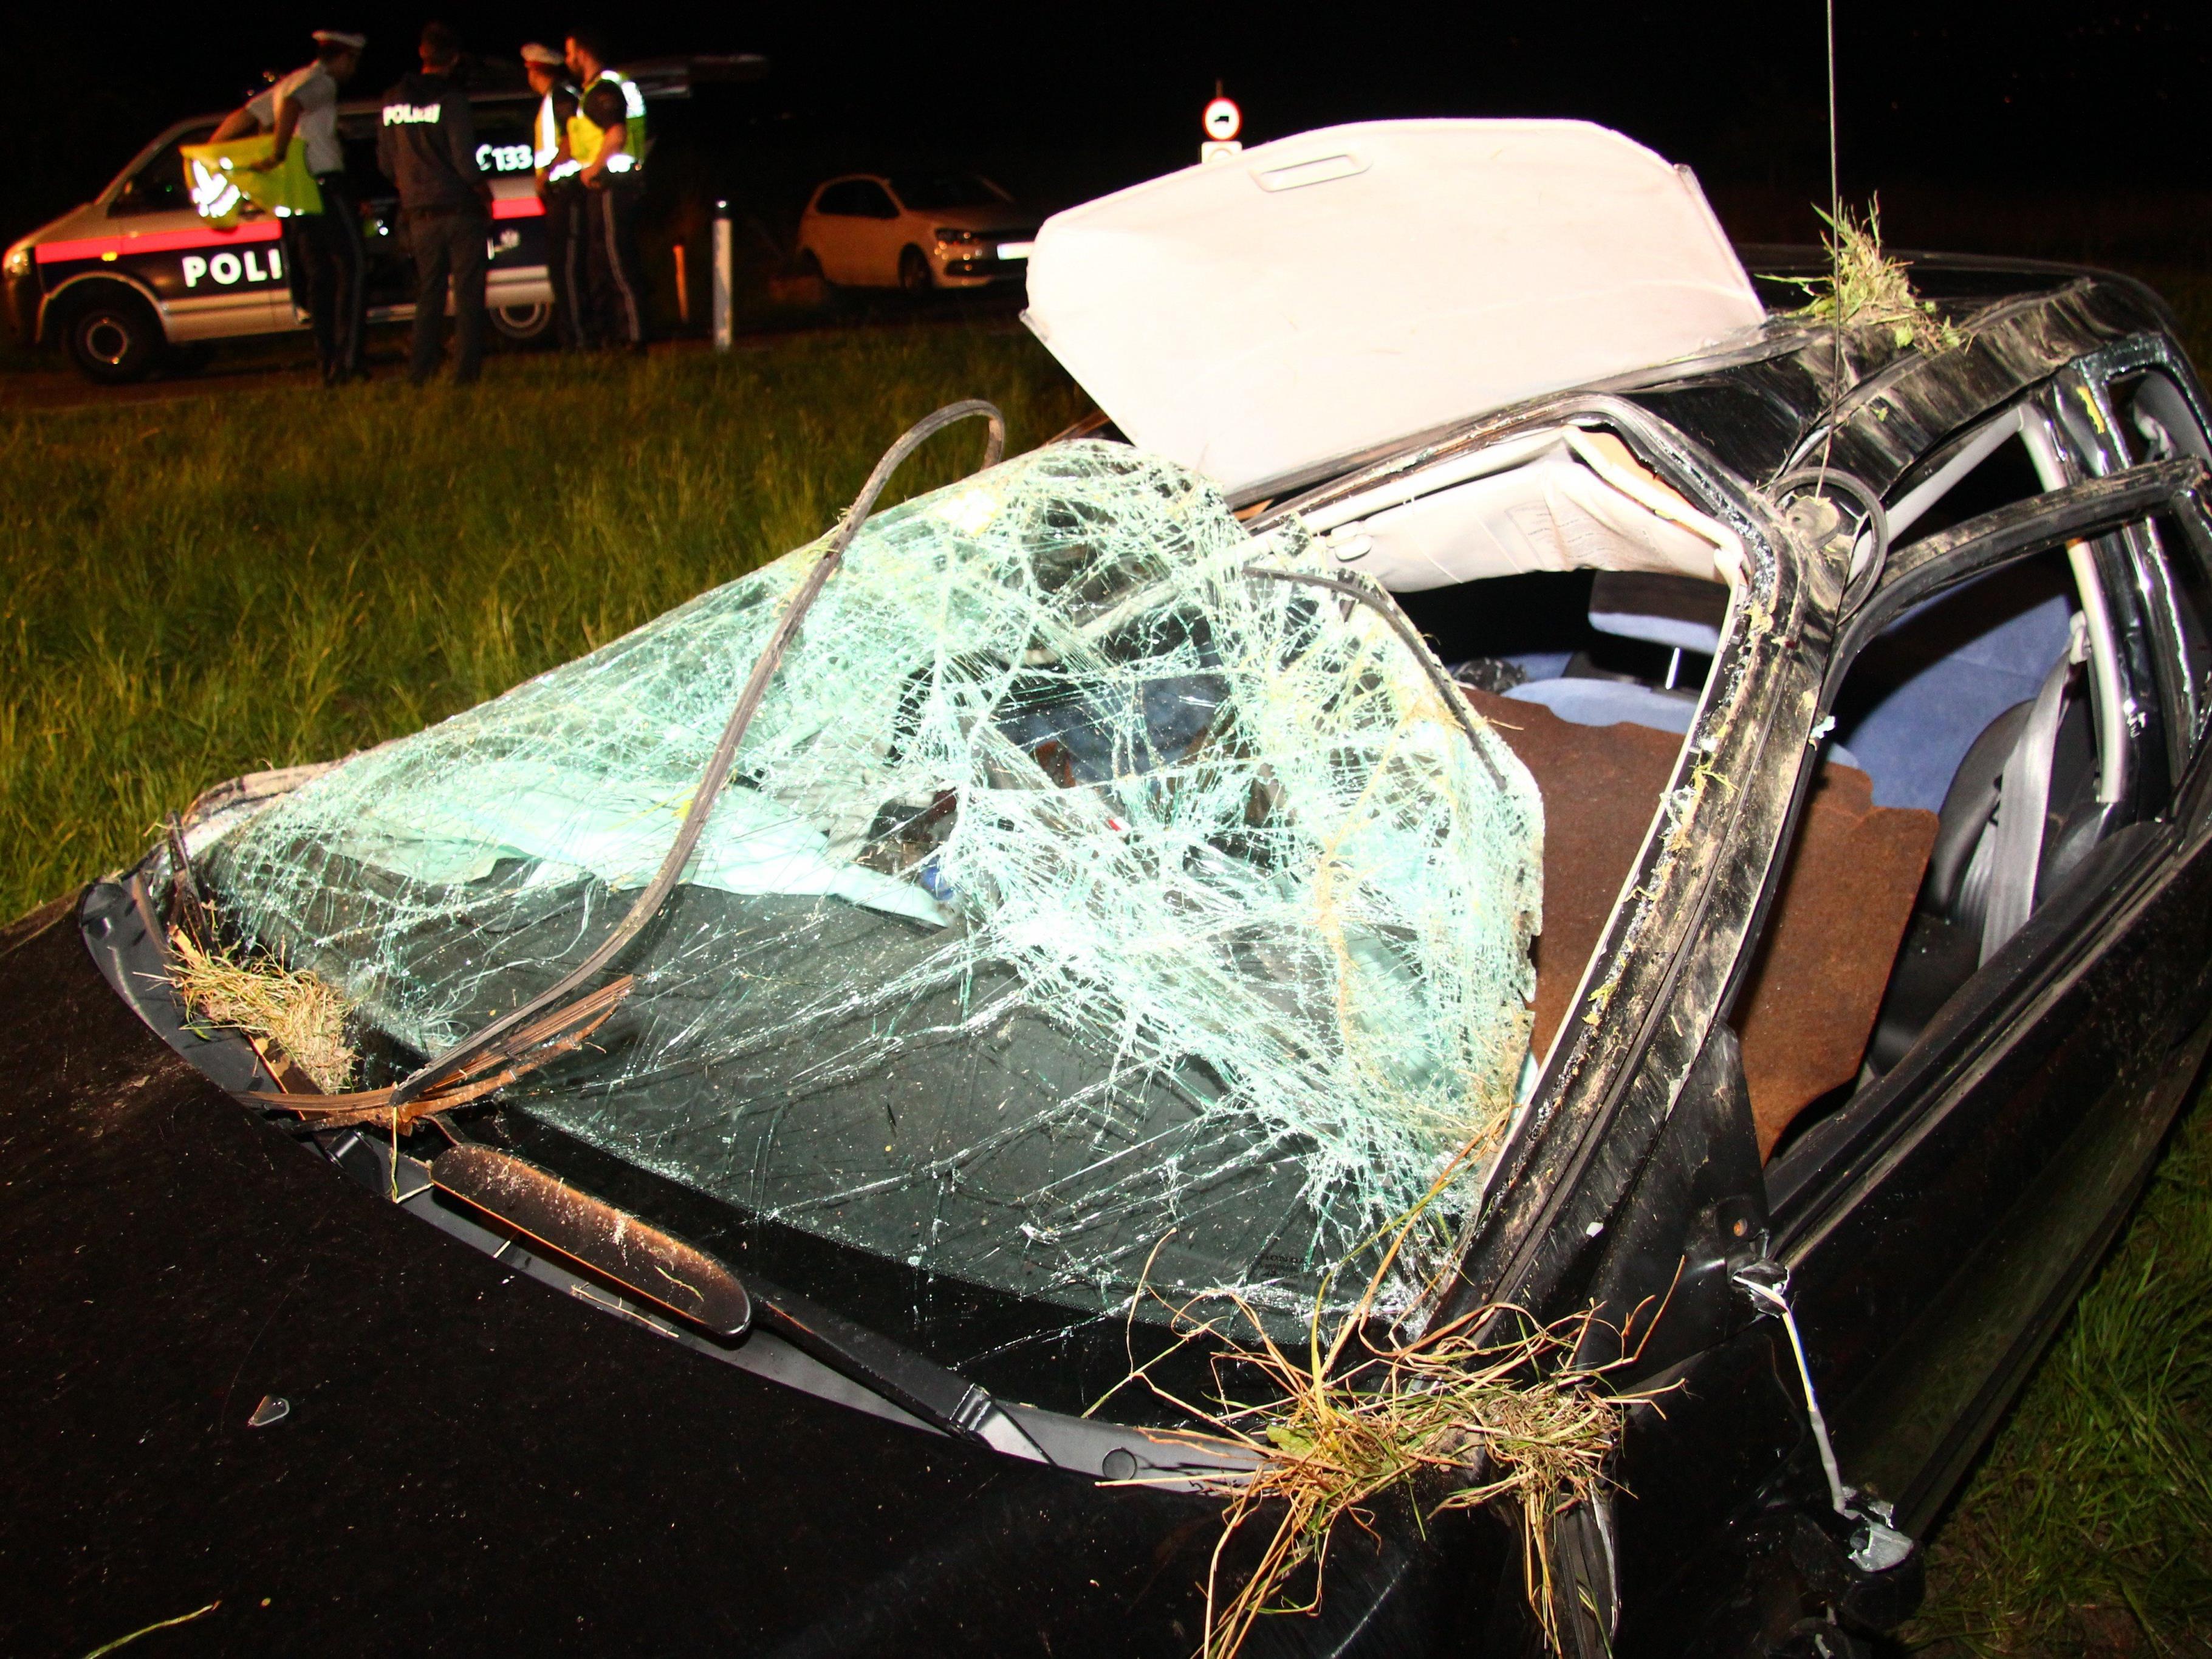 Bei einem Unfall nach einem Ausweichmanöver auf der Schweizerstrasse Richtung Dornbirn wurden gestern Abend zwei Menschen verletzt.